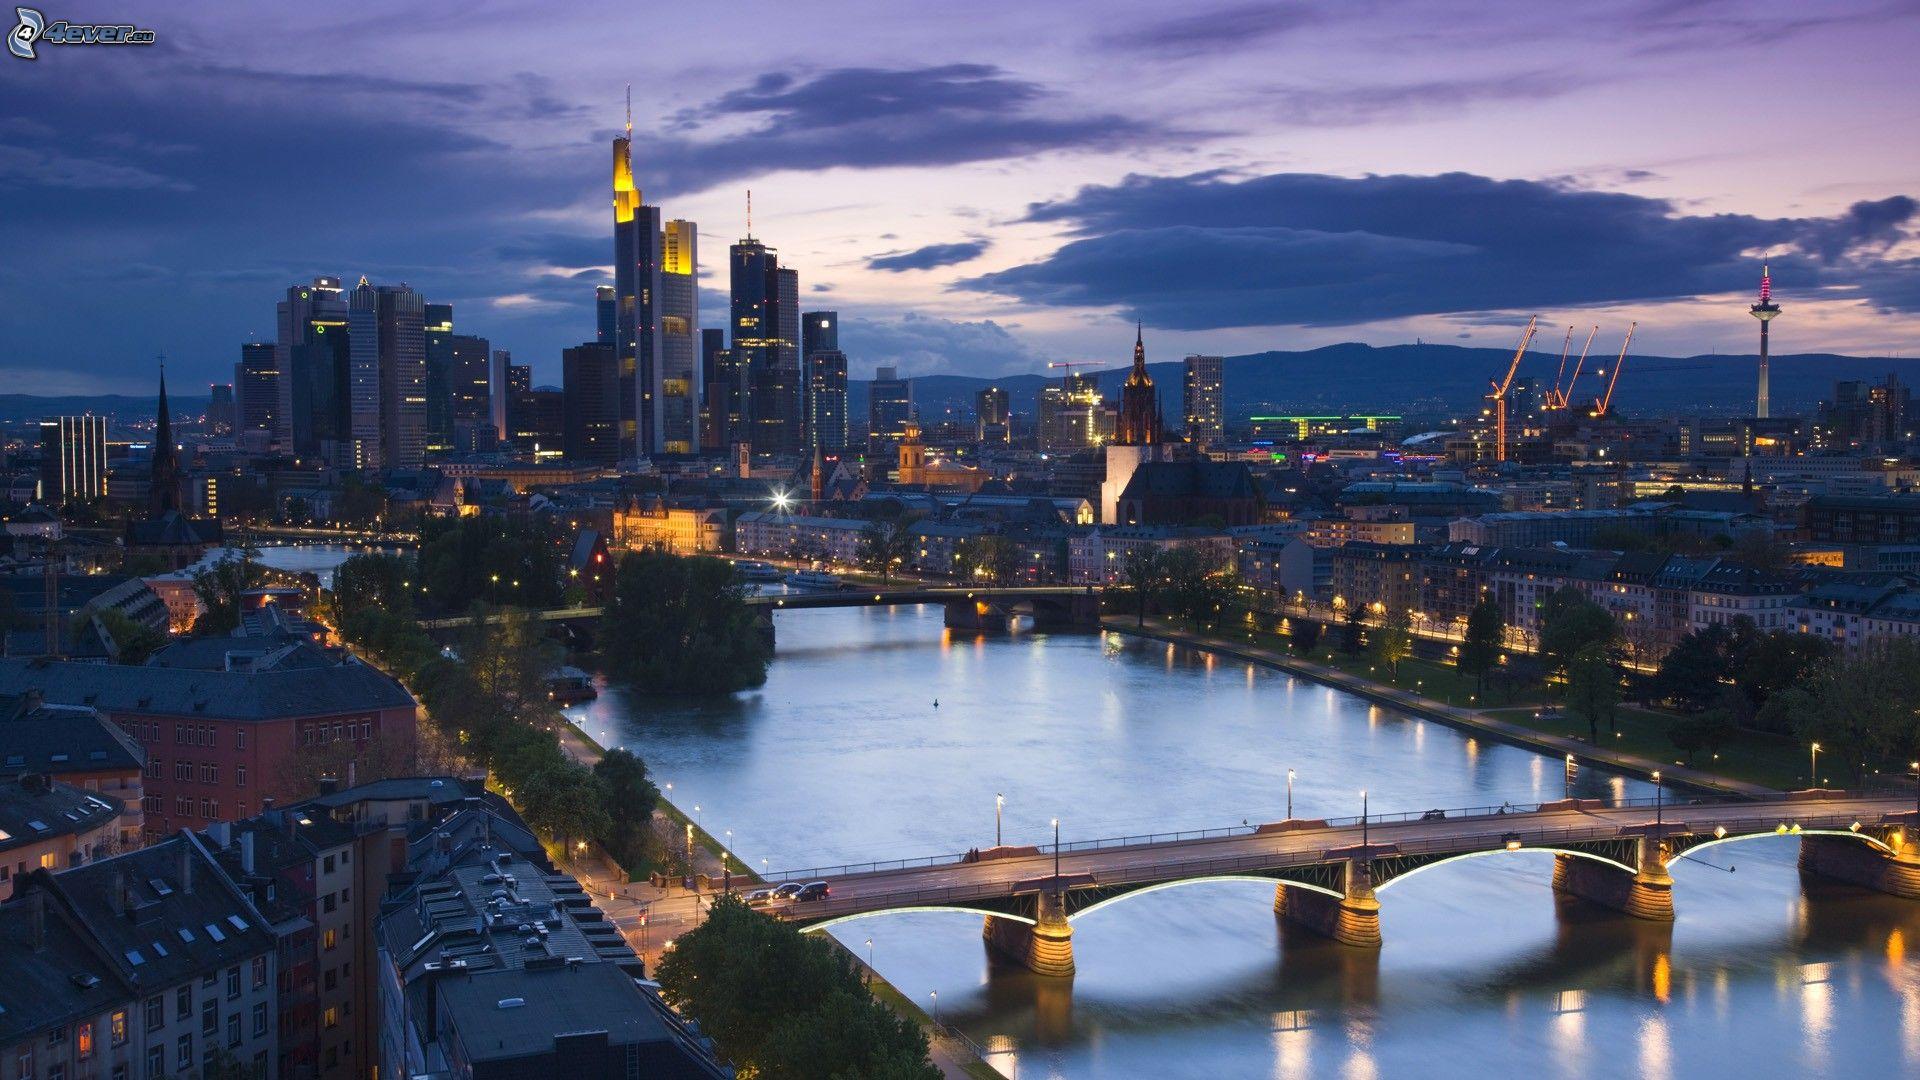 Frankfurt - Frankfurt river